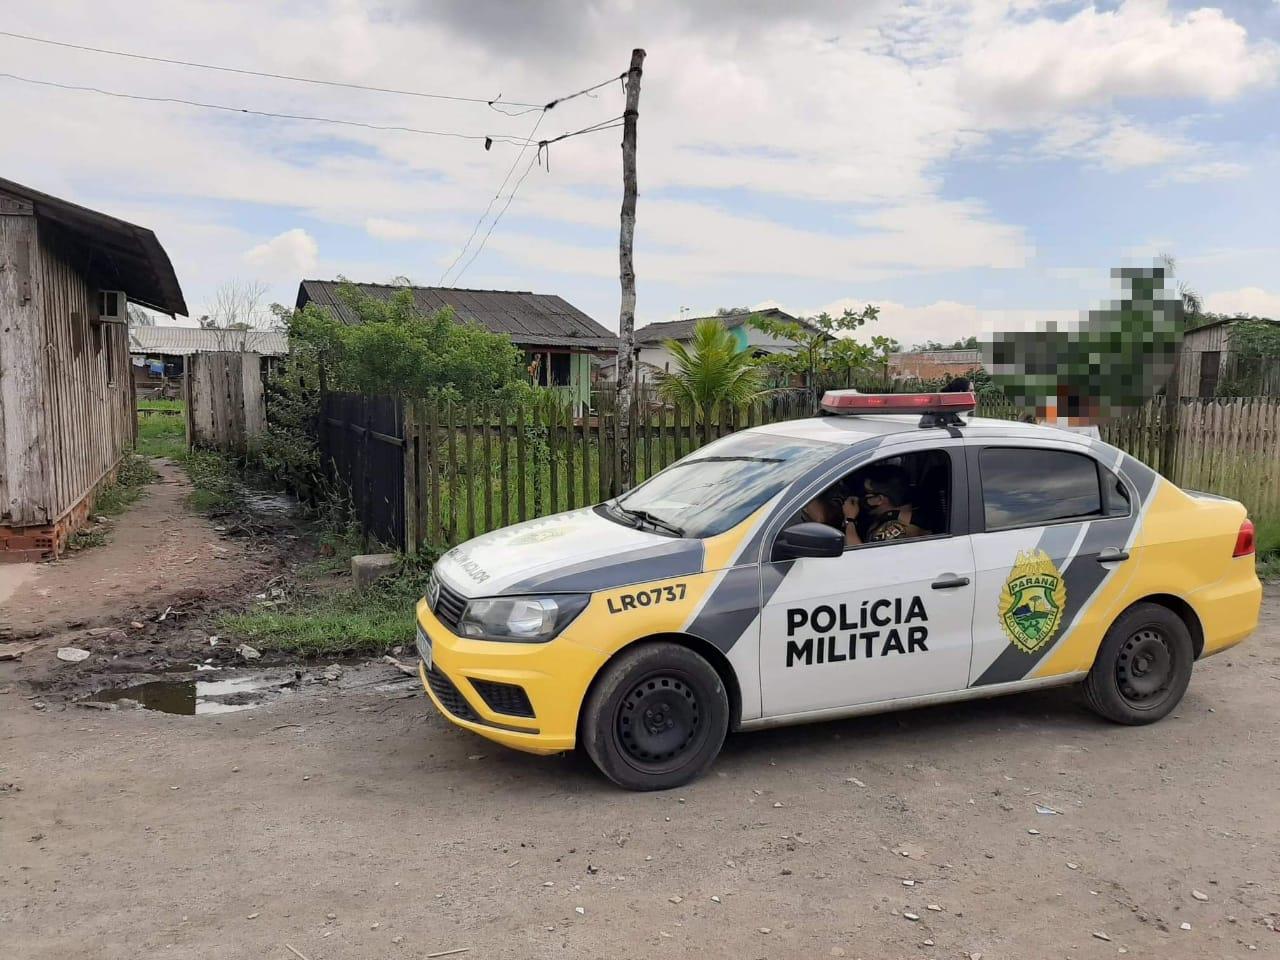 O crime aconteceu no final de uma via perpendicular a Rua Maria da Conceição Teixeira de Souza.